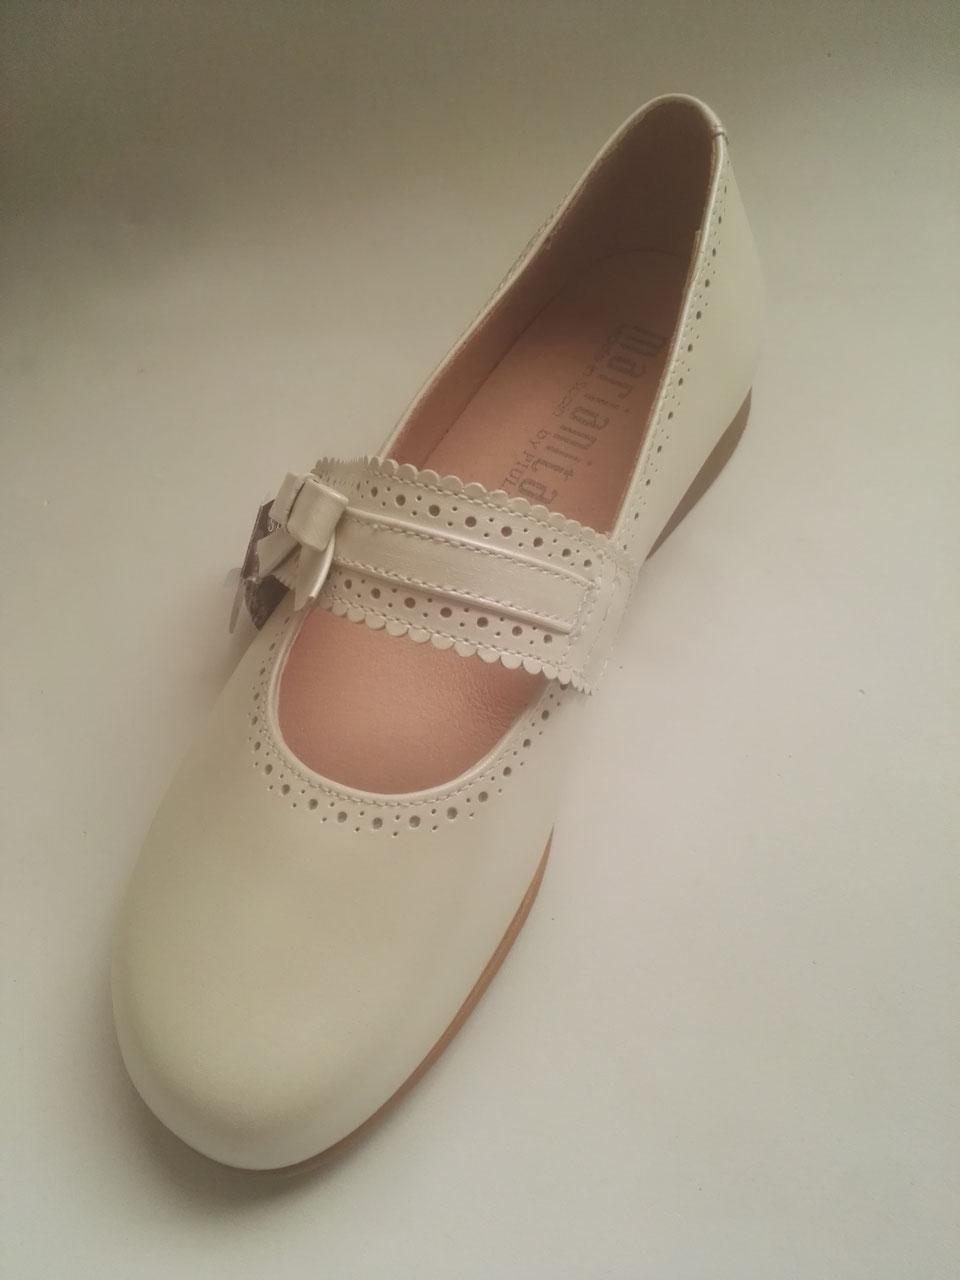 b88cb51c6 21CM Zapato Piel Comunion Niña Tallas  34-37